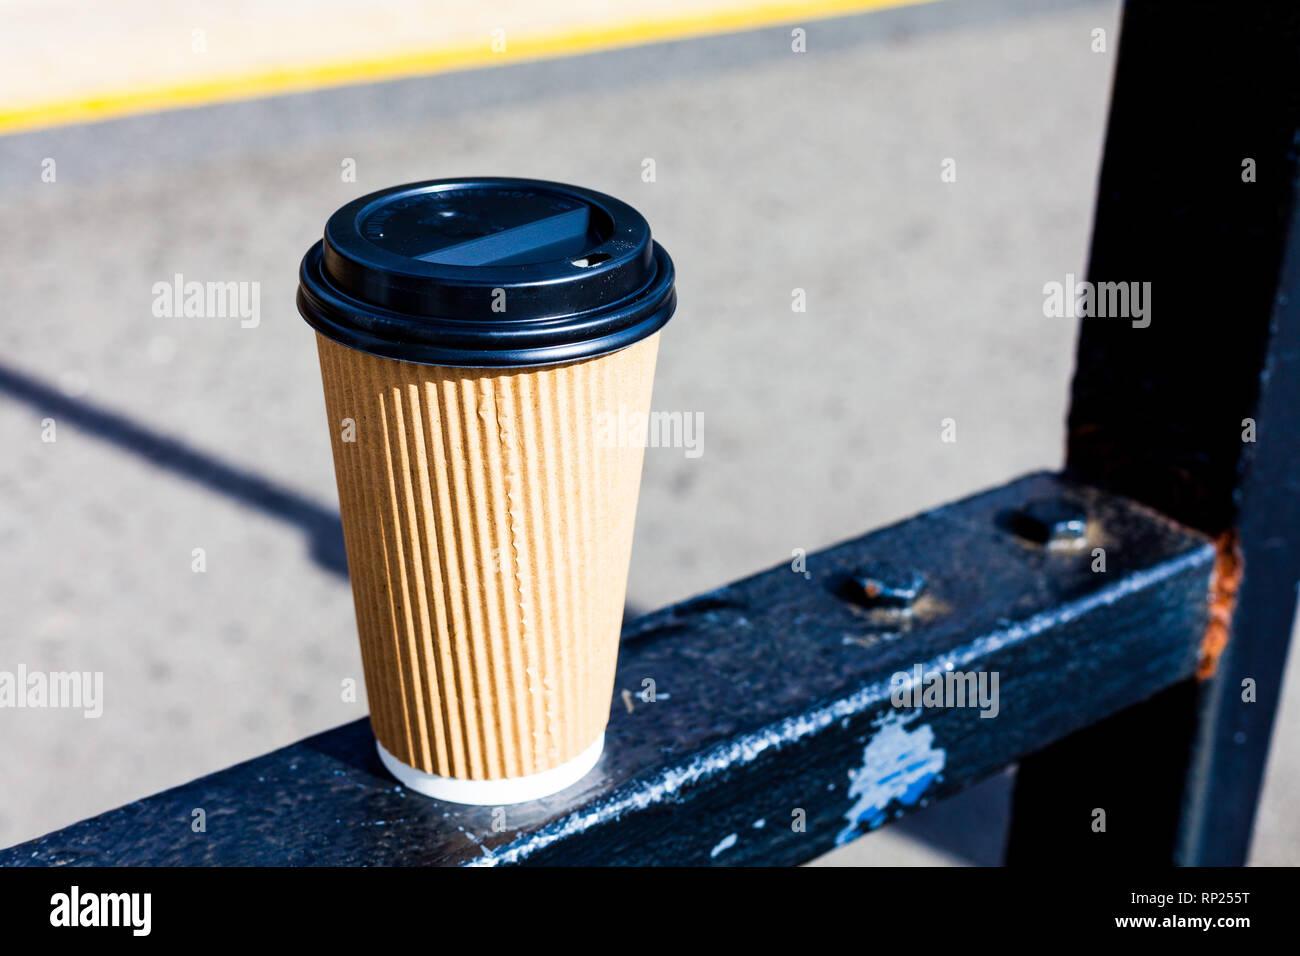 Café Espresso para llevar parado en la puerta de metal. Día soleado con café espresso en la cubeta de plástico Foto de stock